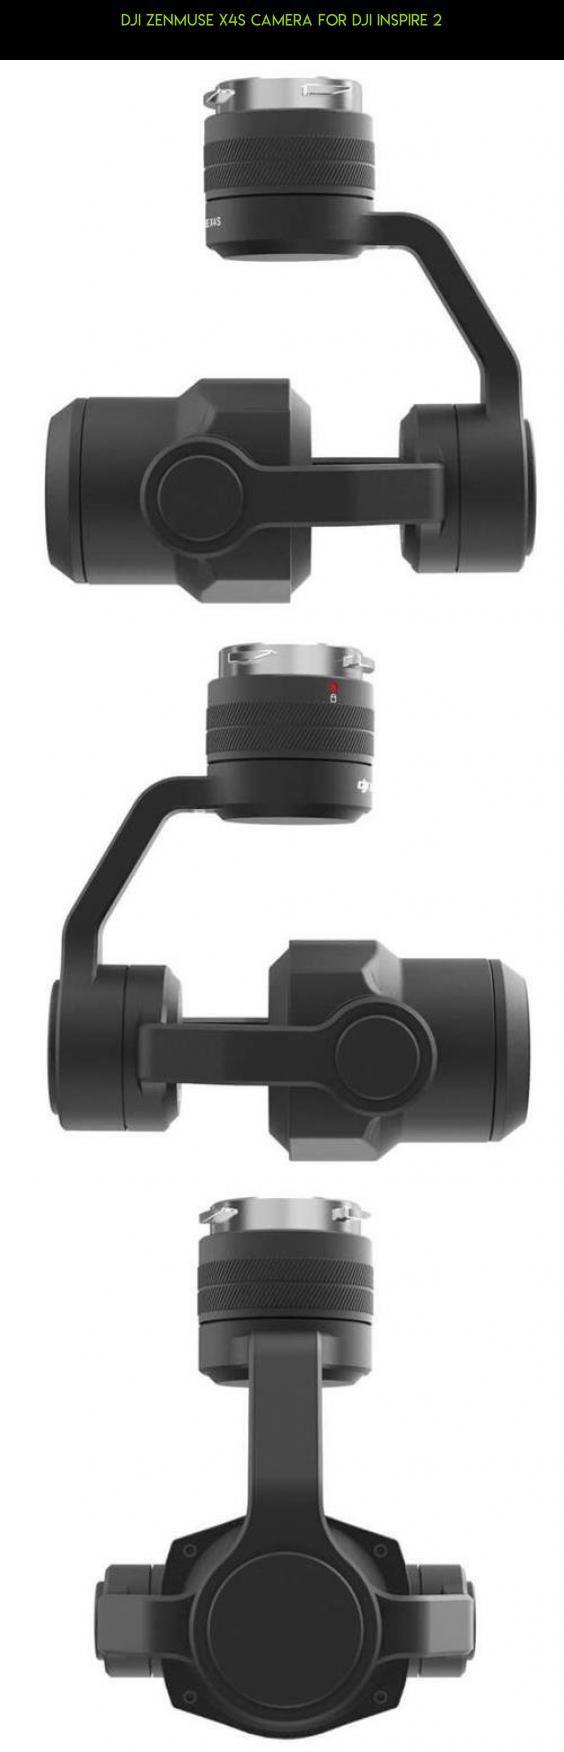 DJI Zenmuse X4S Camera for DJI Inspire 2 #drone #plans #parts #tech #gadgets #te...